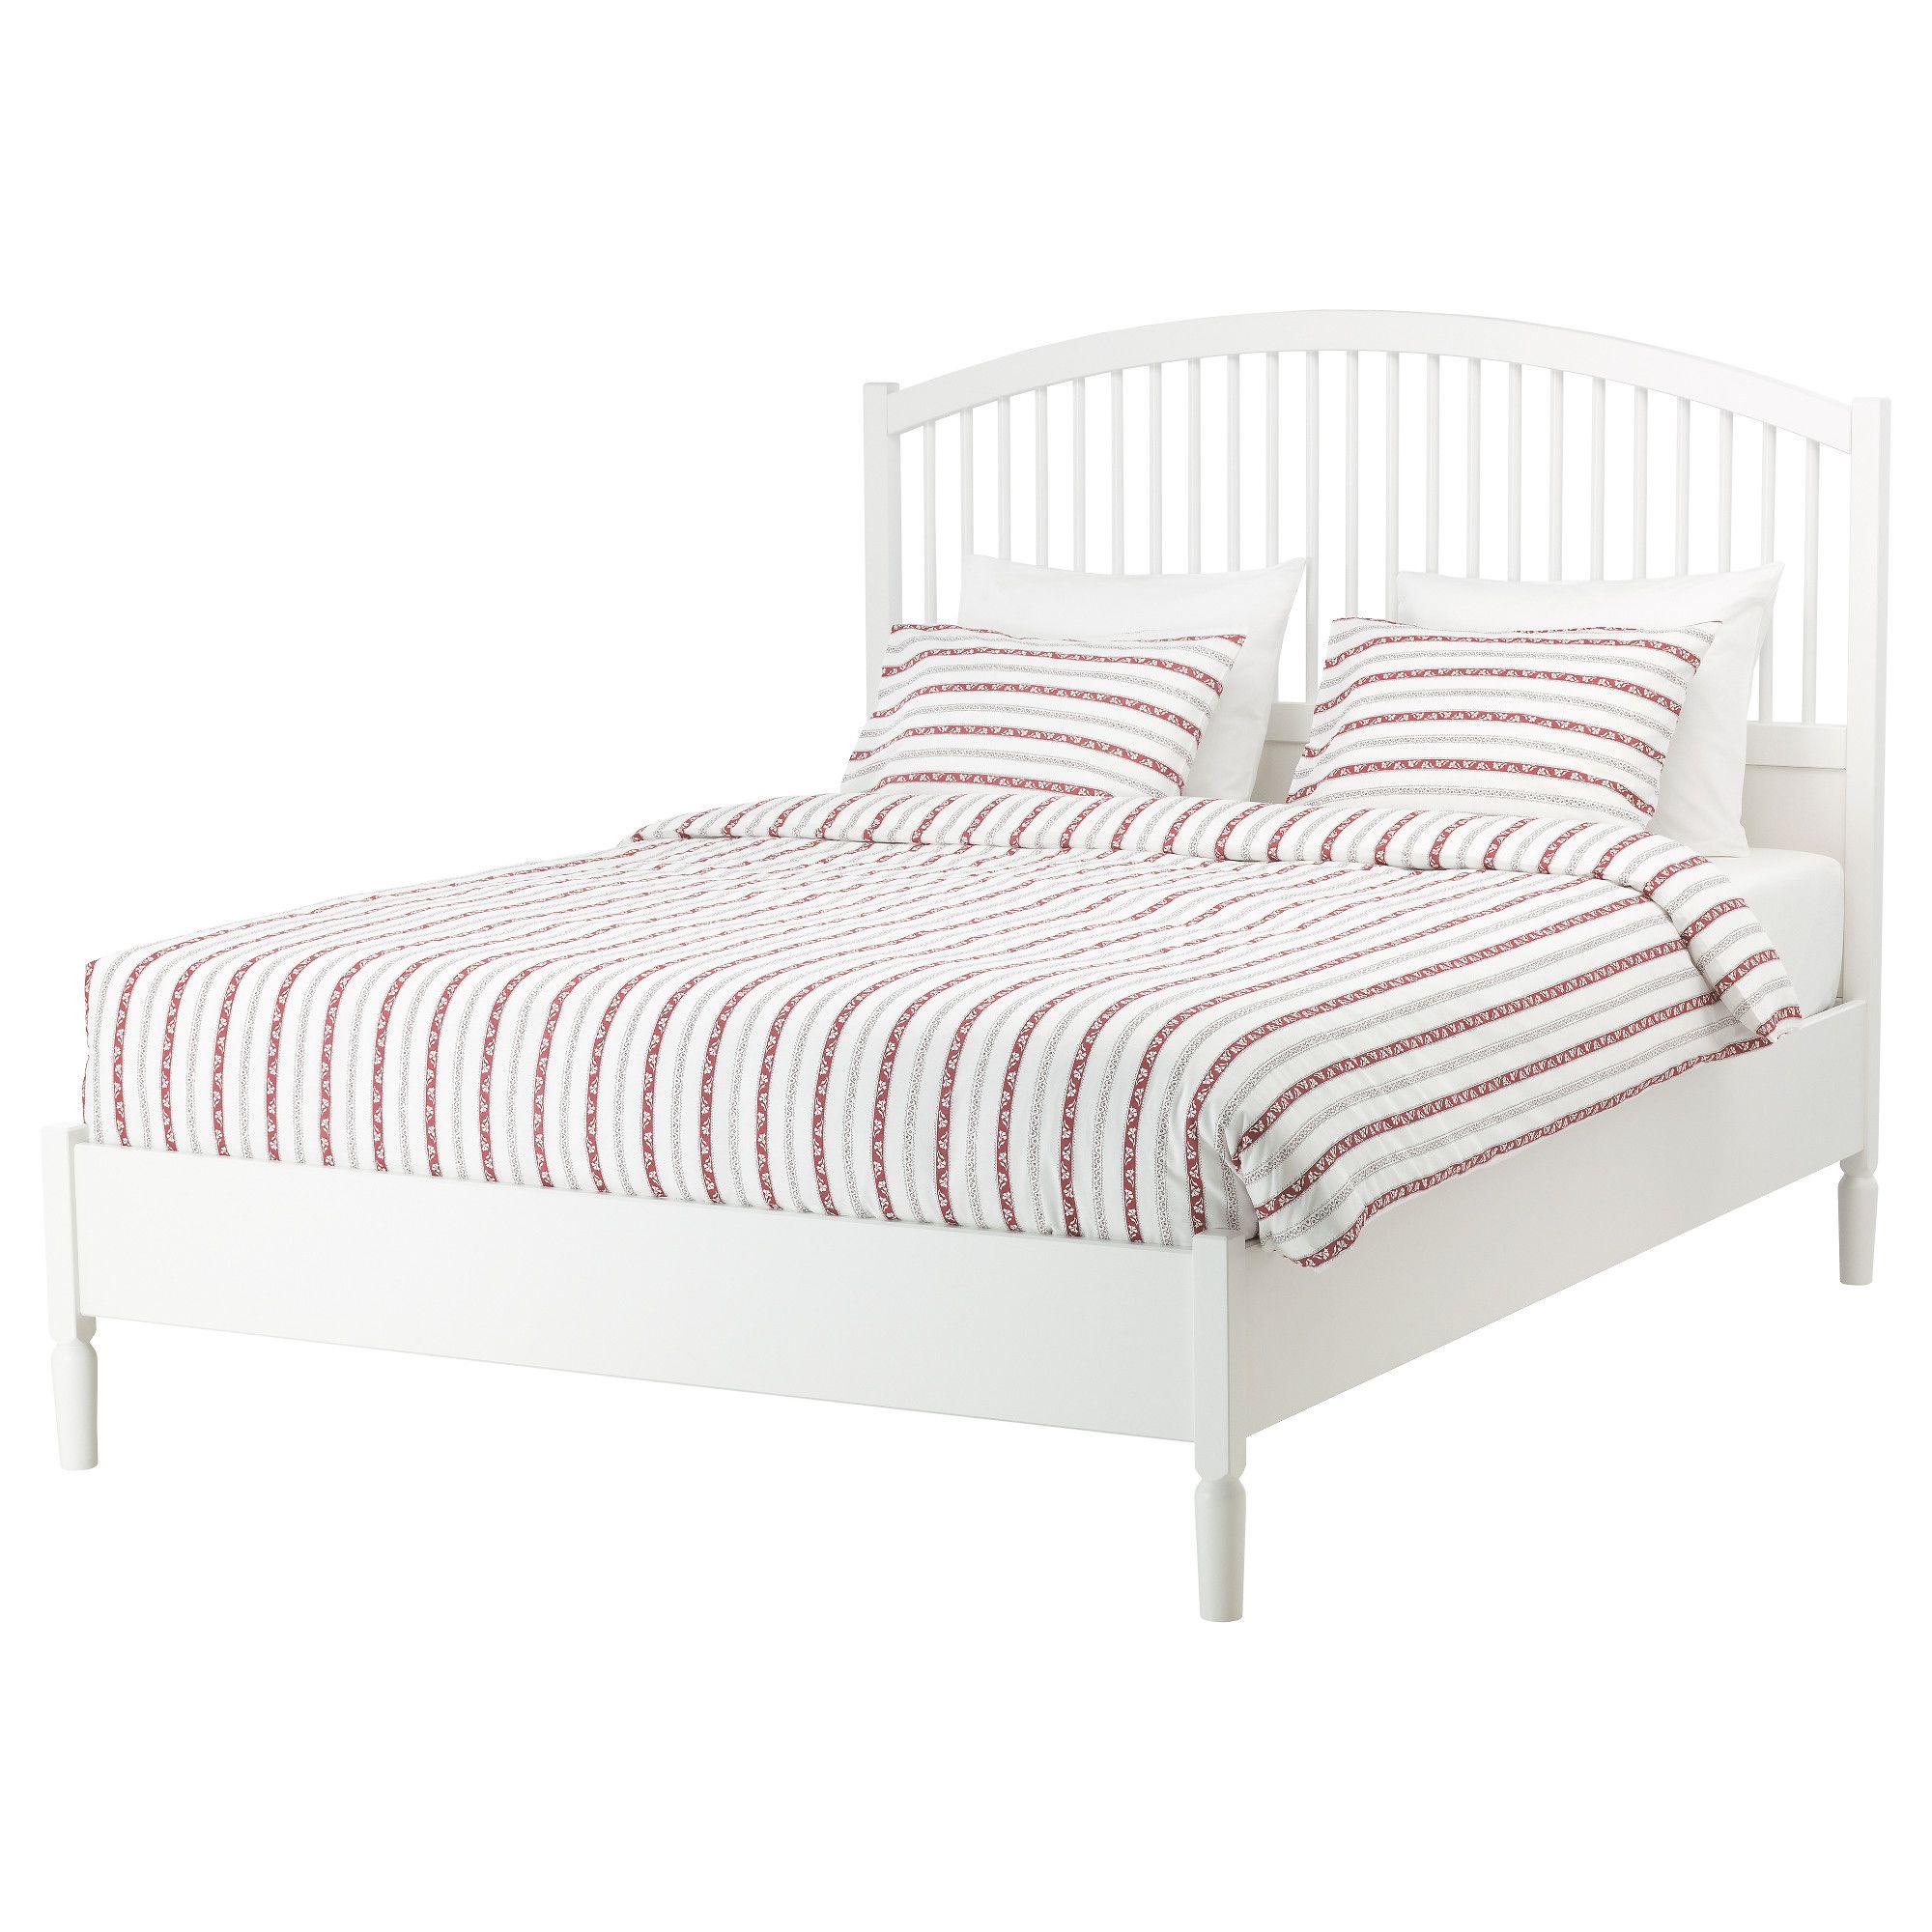 TYSSEDAL Bed frame, white, Lönset